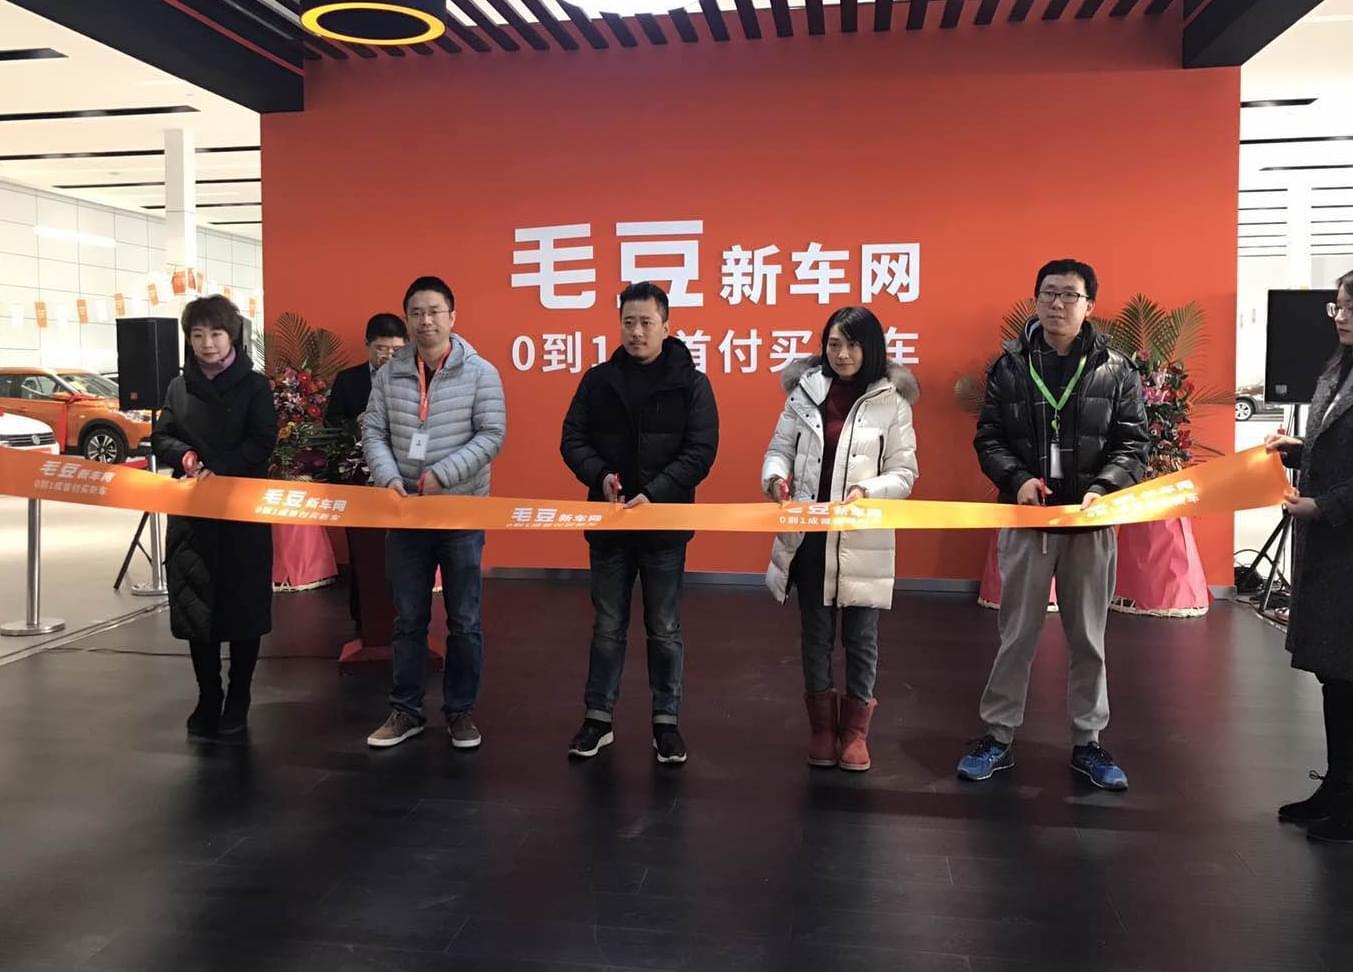 加码新零售,瓜子二手车北京保卖体验店开业